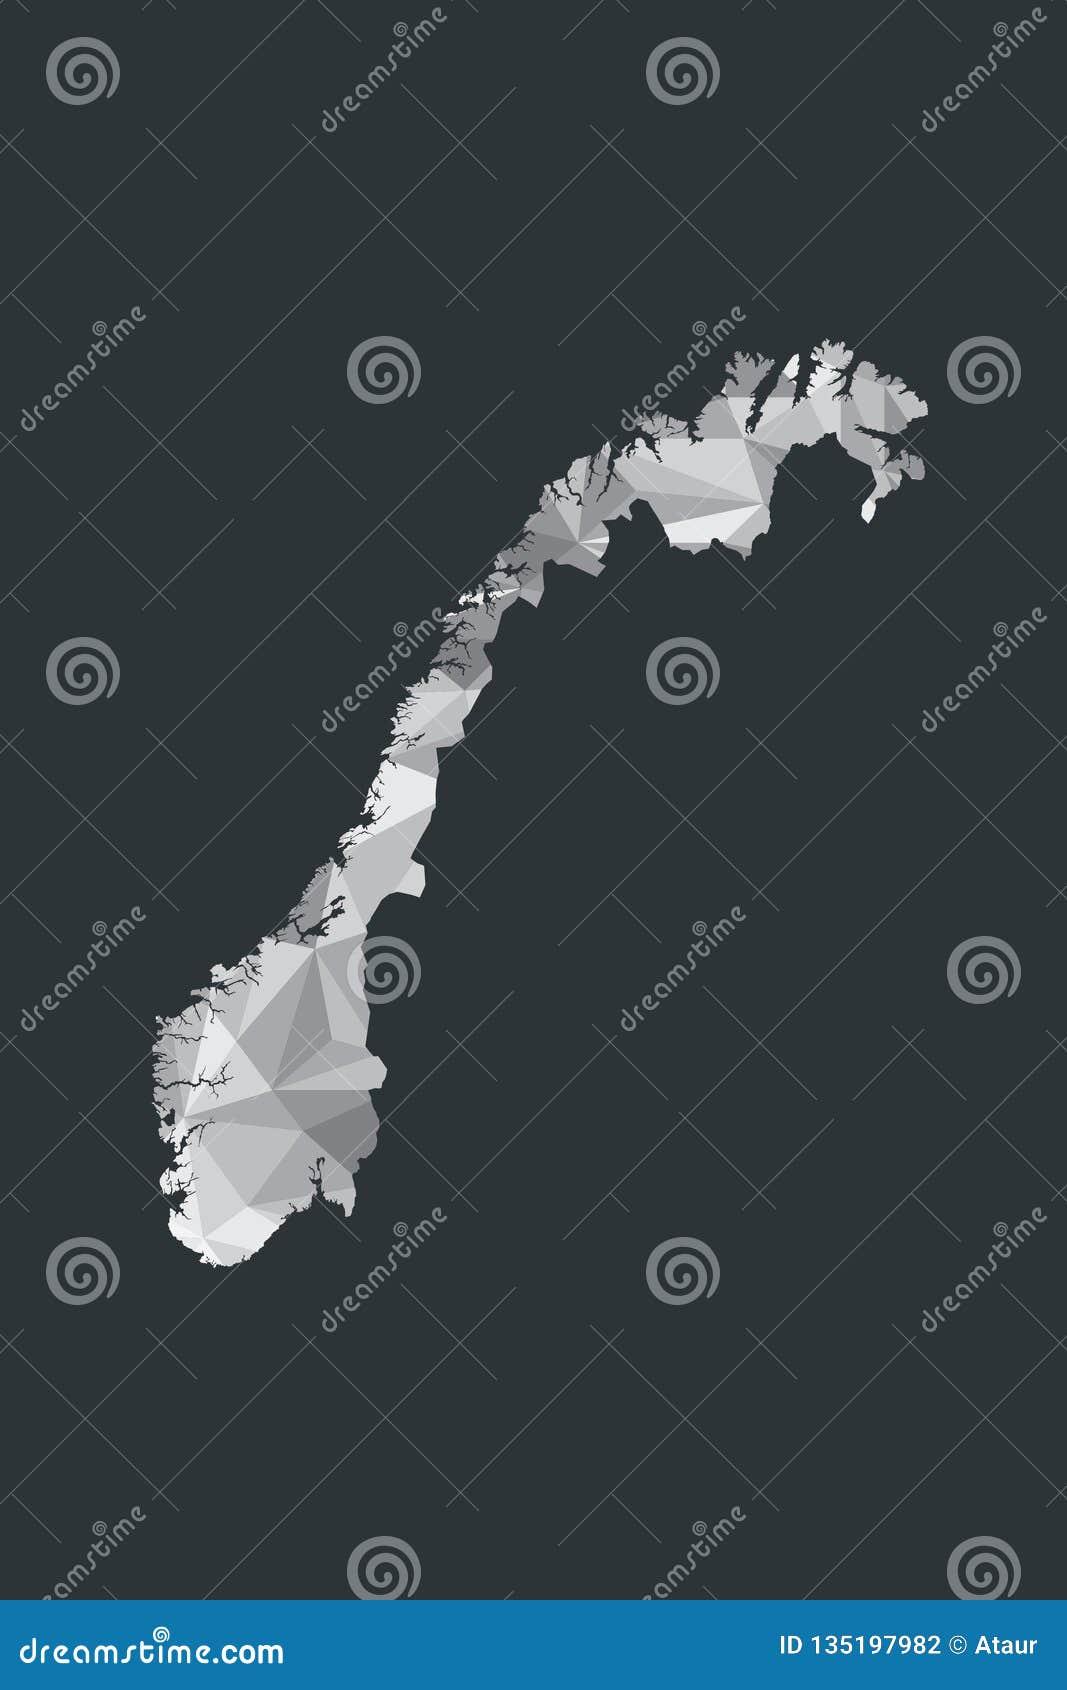 Lage poly de kaartvector van Noorwegen van witte kleuren geometrische vormen of driehoeken op zwarte achtergrond